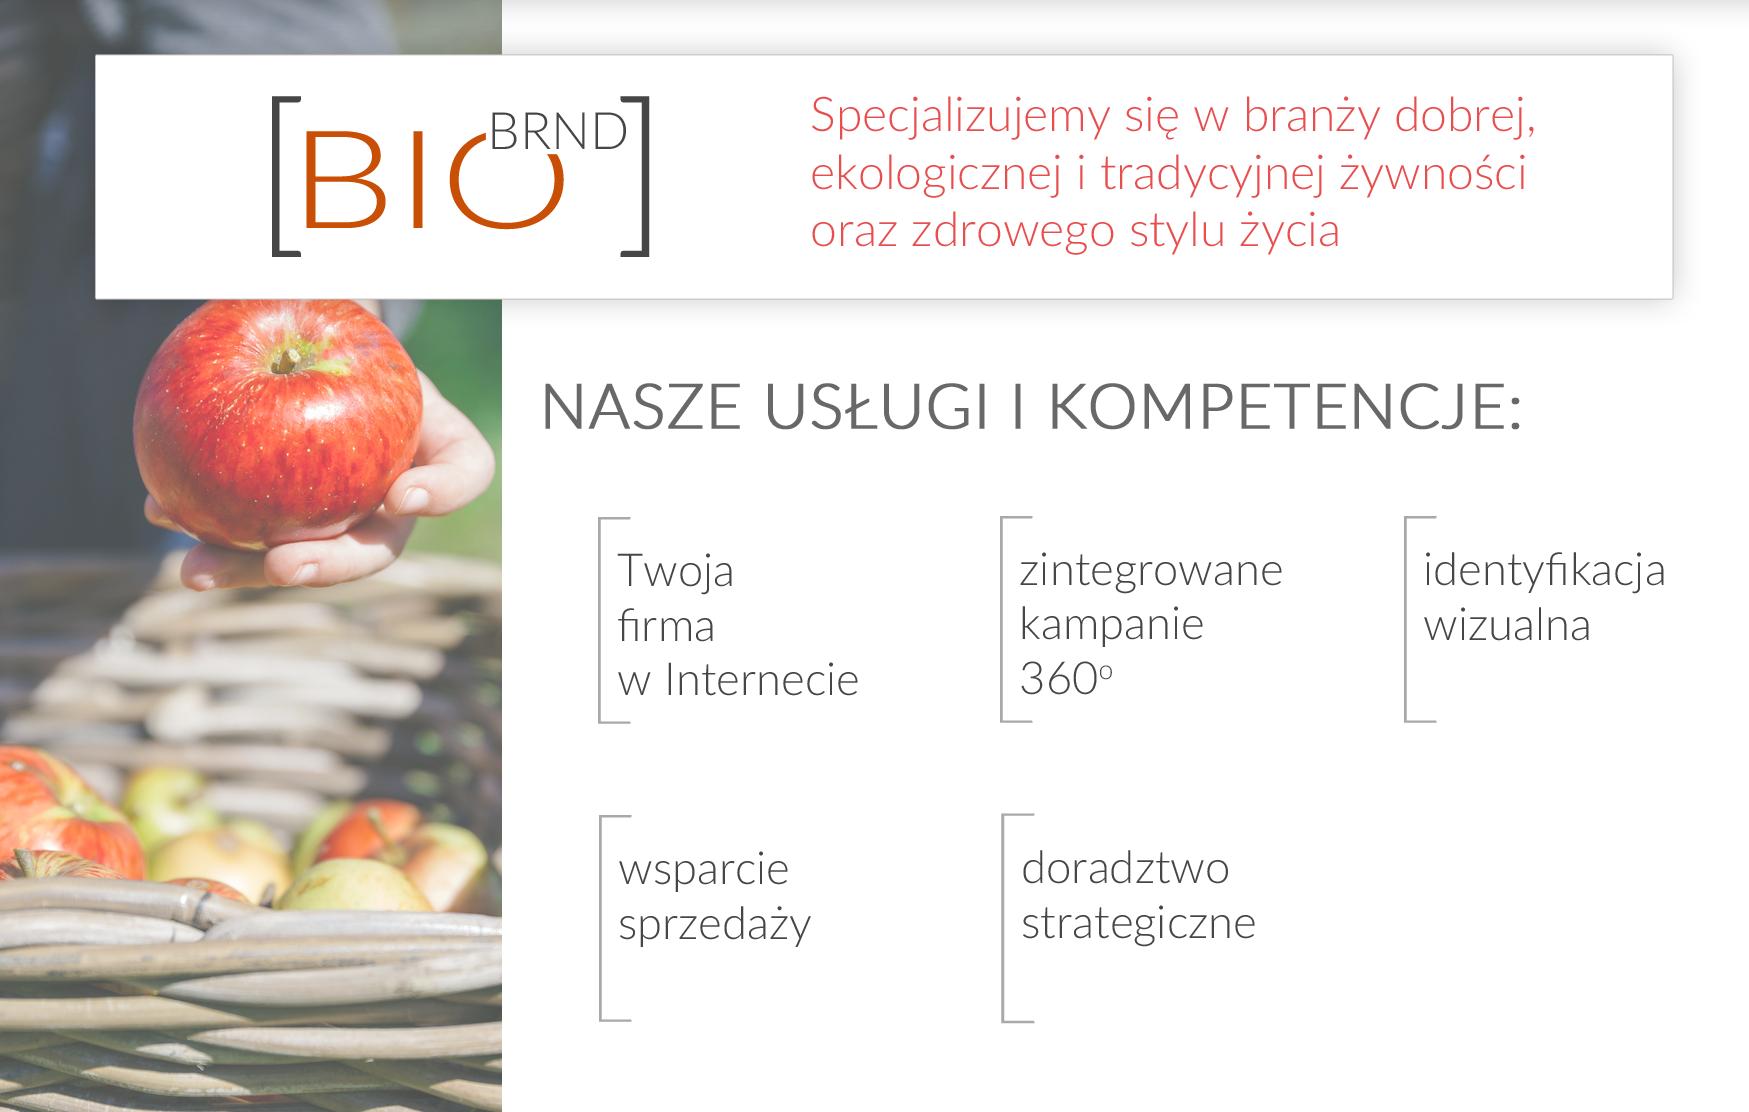 BioBRND